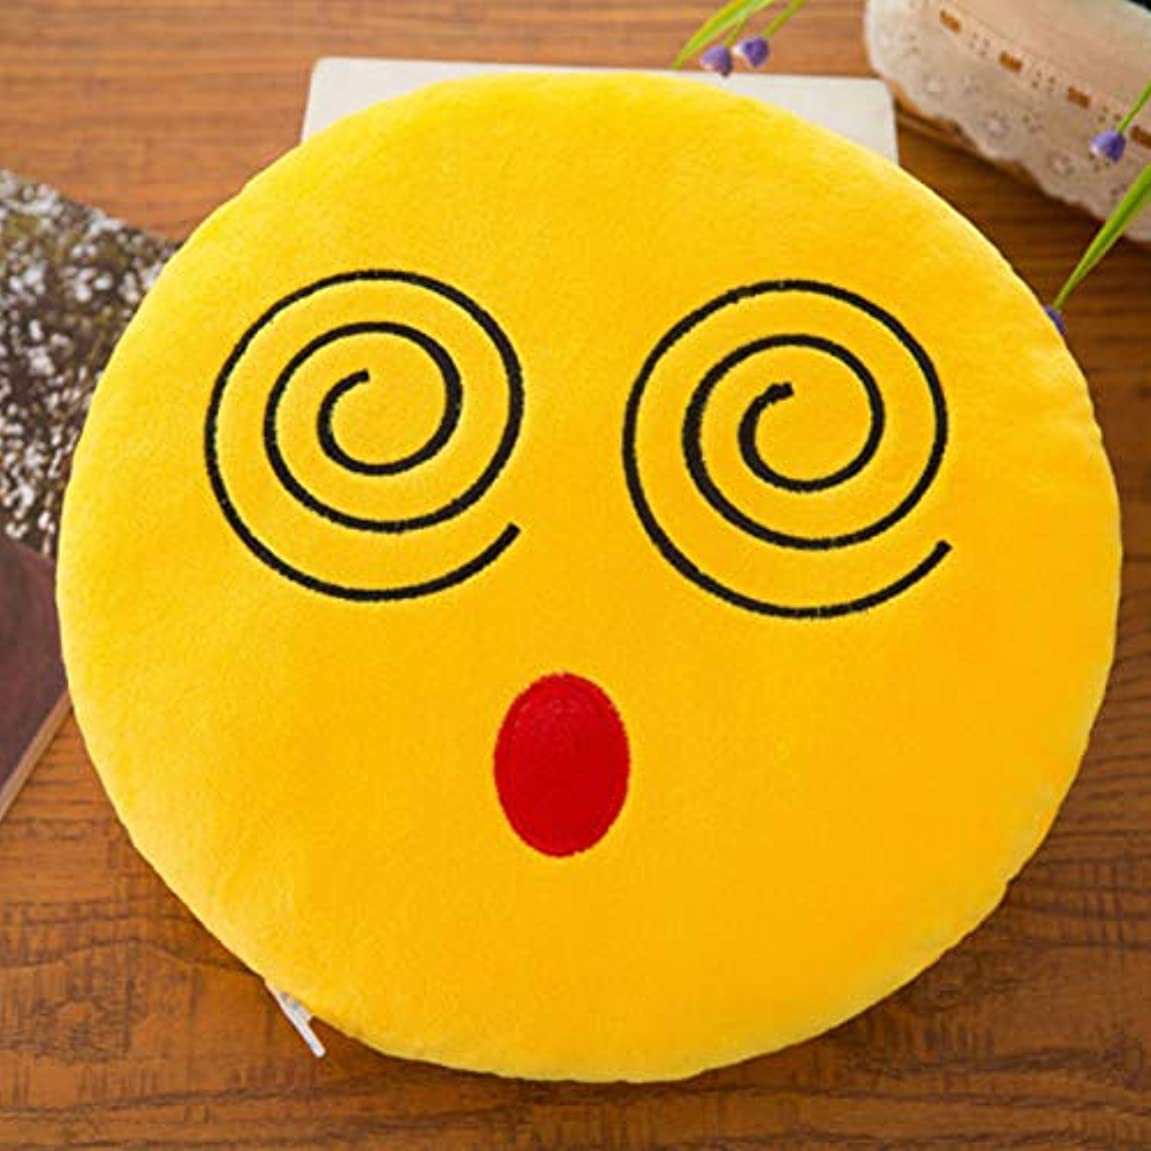 驚動的合唱団LIFE 40 センチメートルスマイル絵文字枕ソフトぬいぐるみ絵文字ラウンドクッション家の装飾かわいい漫画のおもちゃの人形装飾枕ドロップ船 クッション 椅子